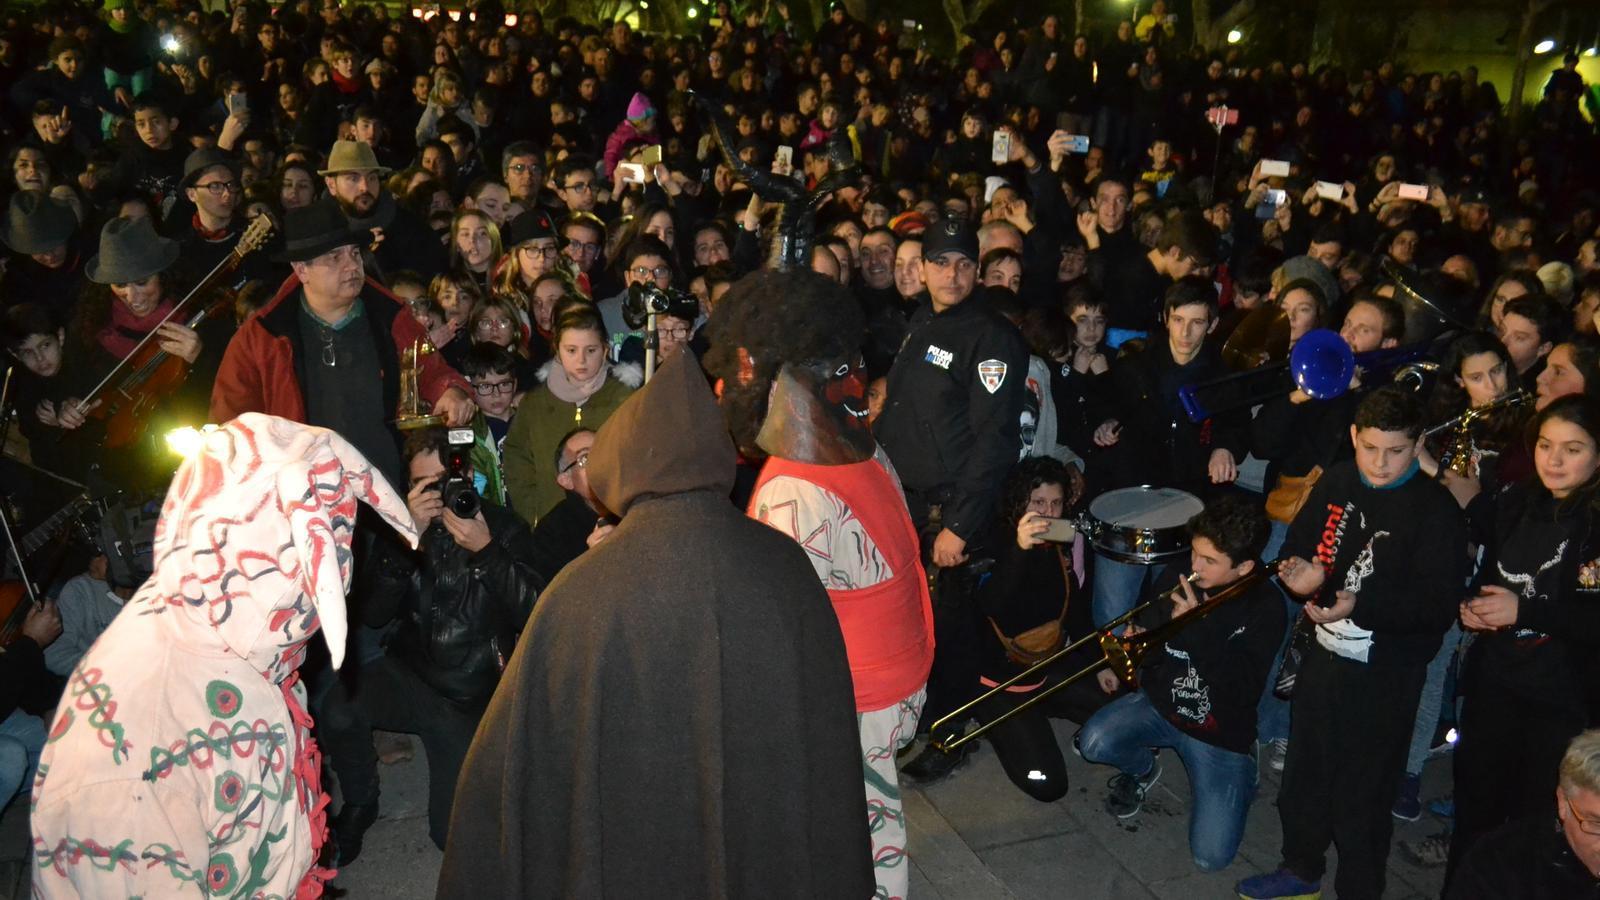 Sant Antoni i els dimonis foren encerclats per una multitud que  s'entusiasmà amb les seves danses.